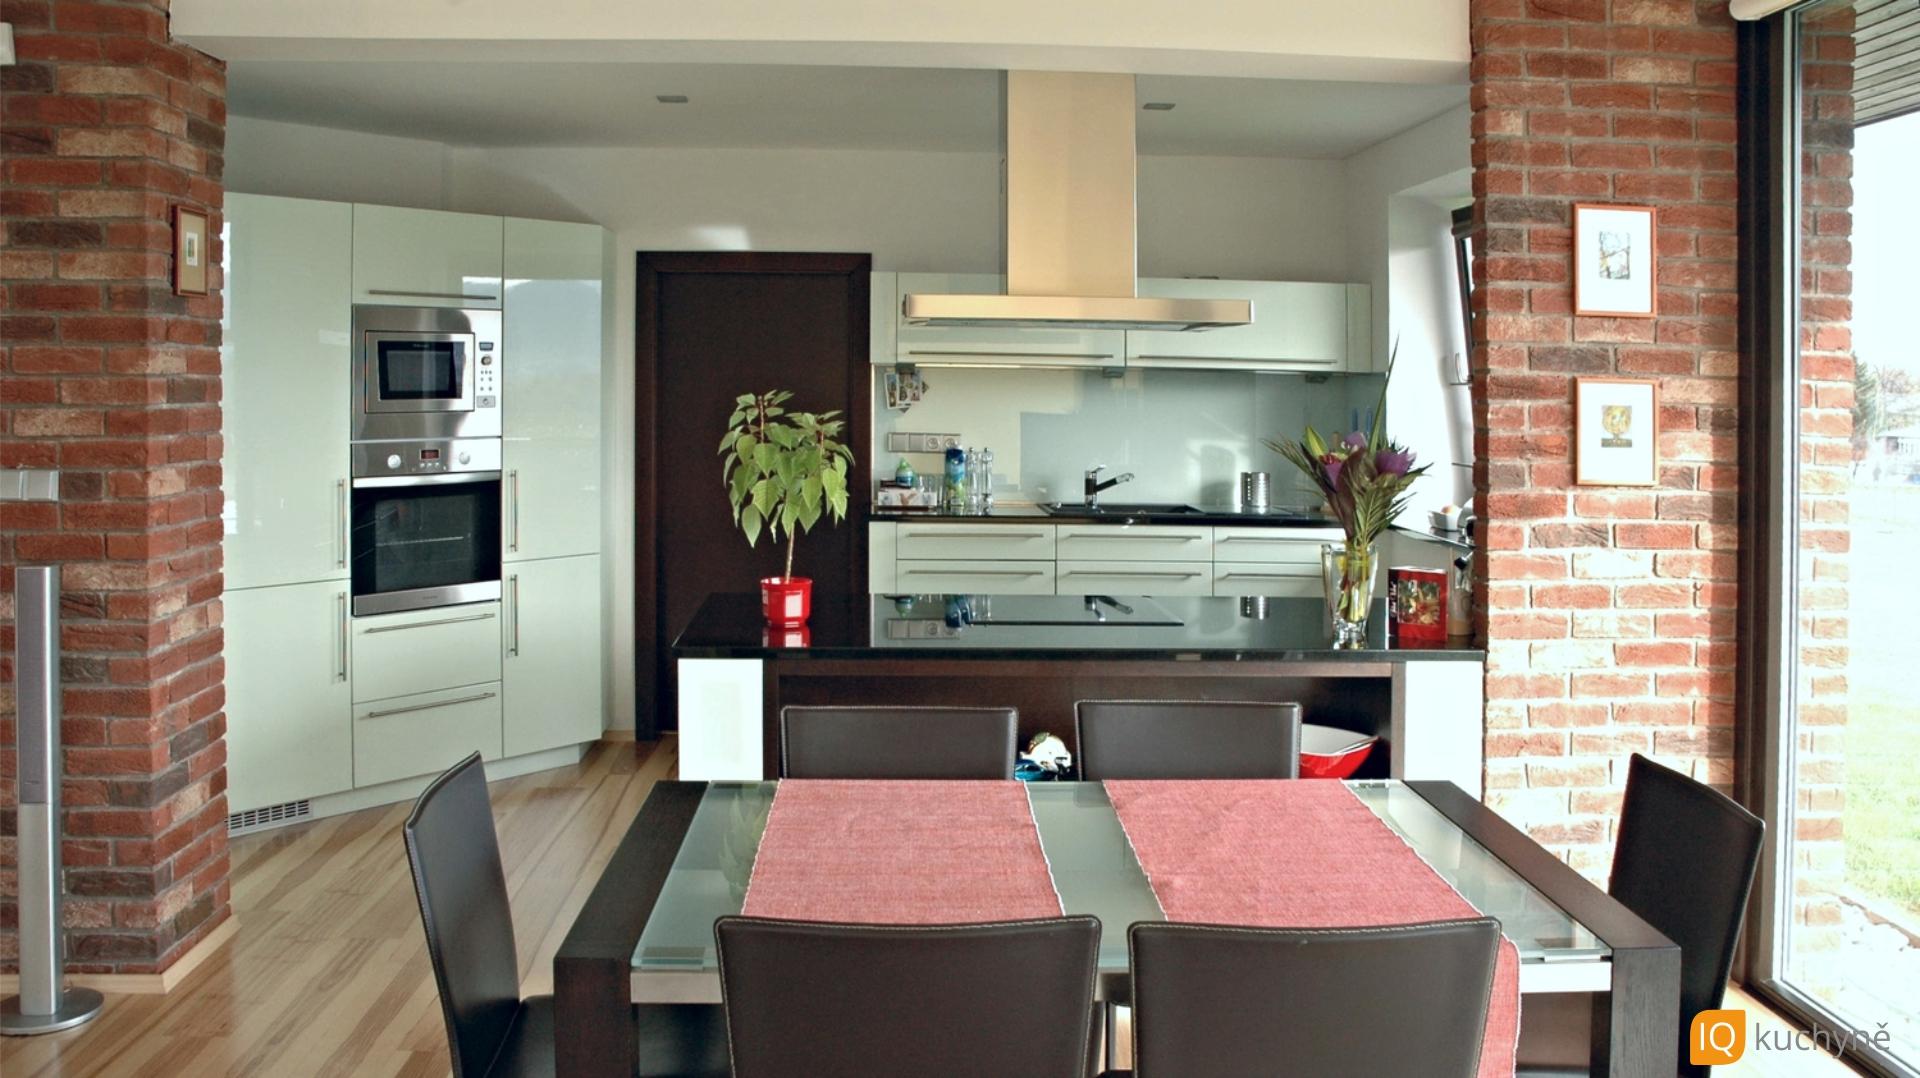 Kuchyň moderna | Cihly + mentol